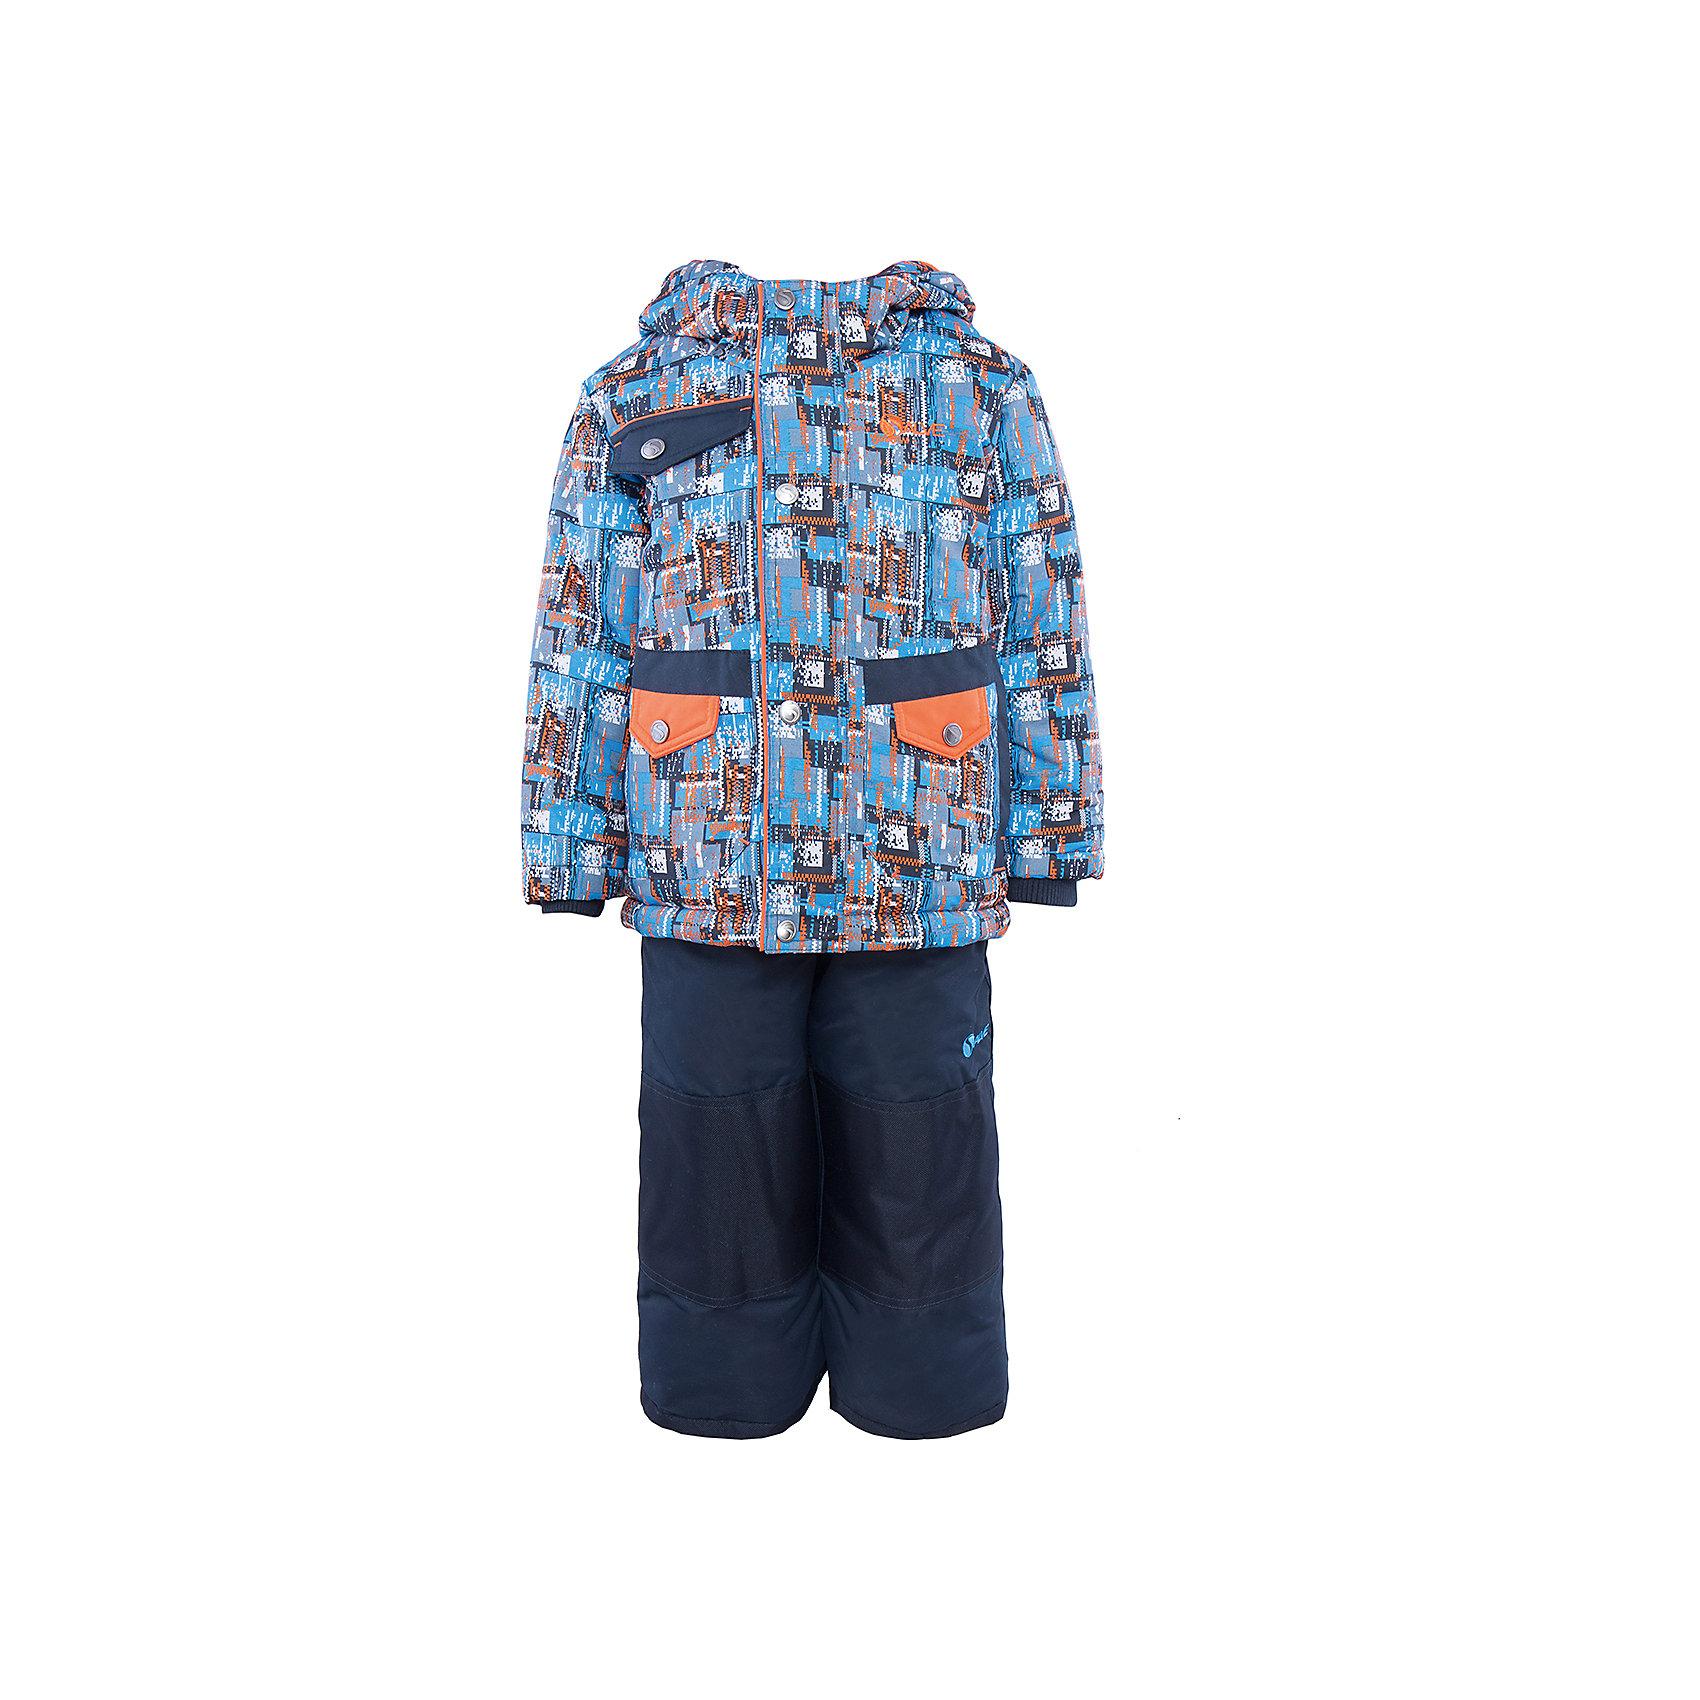 Комплект: куртка и полукомбинезон для мальчика SalveХарактеристики:<br><br>• Сезон: зима<br>• Степень утепления: высокая (куртка – 330 гр/м.кв.; полукомбинезон – 200 гр/м.кв.)<br>• Температурный режим*: от 0 до -30 градусов<br>• Пол: для мальчика<br>• Цвет: голубой, оранжевый, синий<br>• Материал: полиэстер 100%<br>• Комплектация: куртка, полукомбинезон<br>• Наличие снегозащитной юбки<br>• Тип застежки: молния, кнопки<br>• Манжеты на куртке: эластичные, трикотажные<br>• Капюшон: не отстегивается<br>• Регулируемые лямки у полукомбинезона<br>• Карманы: 2 боковых и 1 на груди у куртки <br>• Уход: допускается стирка без чистящих и отбеливающих средств<br><br>Бренд Salve разработан и произведён канадской компанией Gusti International специально для российского рынка.<br><br>Комплект: куртка и полукомбинезон для мальчика Salve предназначен для прогулок в самое холодное время года. Изделие обеспечено высокой степенью утепления. Верхняя часть комплекта выполнена из полиэстера, который обладает ветрозащитными и влагонепропускаемыми свойствами. Подклад на куртке выполнен из флиса. Для обеспечения поддержания микроклимата имеются эластичные трикотажных манжеты на рукавах куртки и резинки на брюках. Изделие выполнено из прочной ткани, имеется усиление на коленях, по низу полукомбинезона и сзади. Крой комплекта выполнен с учетом повышенной подвижности ребенка во время зимних прогулок: расширенные брючины не сковывают движений. <br>Комплект: куртка и полукомбинезон для мальчика Salve выполнен в ярком дизайне: куртка с оранжевыми и голубыми графическими элементами и полукомбинезон в классическом темном цвете.<br><br>Комплект: куртку и полукомбинезон для мальчика Salve можно купить в нашем интернет-магазине.<br><br>Ширина мм: 356<br>Глубина мм: 10<br>Высота мм: 245<br>Вес г: 519<br>Цвет: синий<br>Возраст от месяцев: 24<br>Возраст до месяцев: 36<br>Пол: Мужской<br>Возраст: Детский<br>Размер: 98,110,104<br>SKU: 5044719